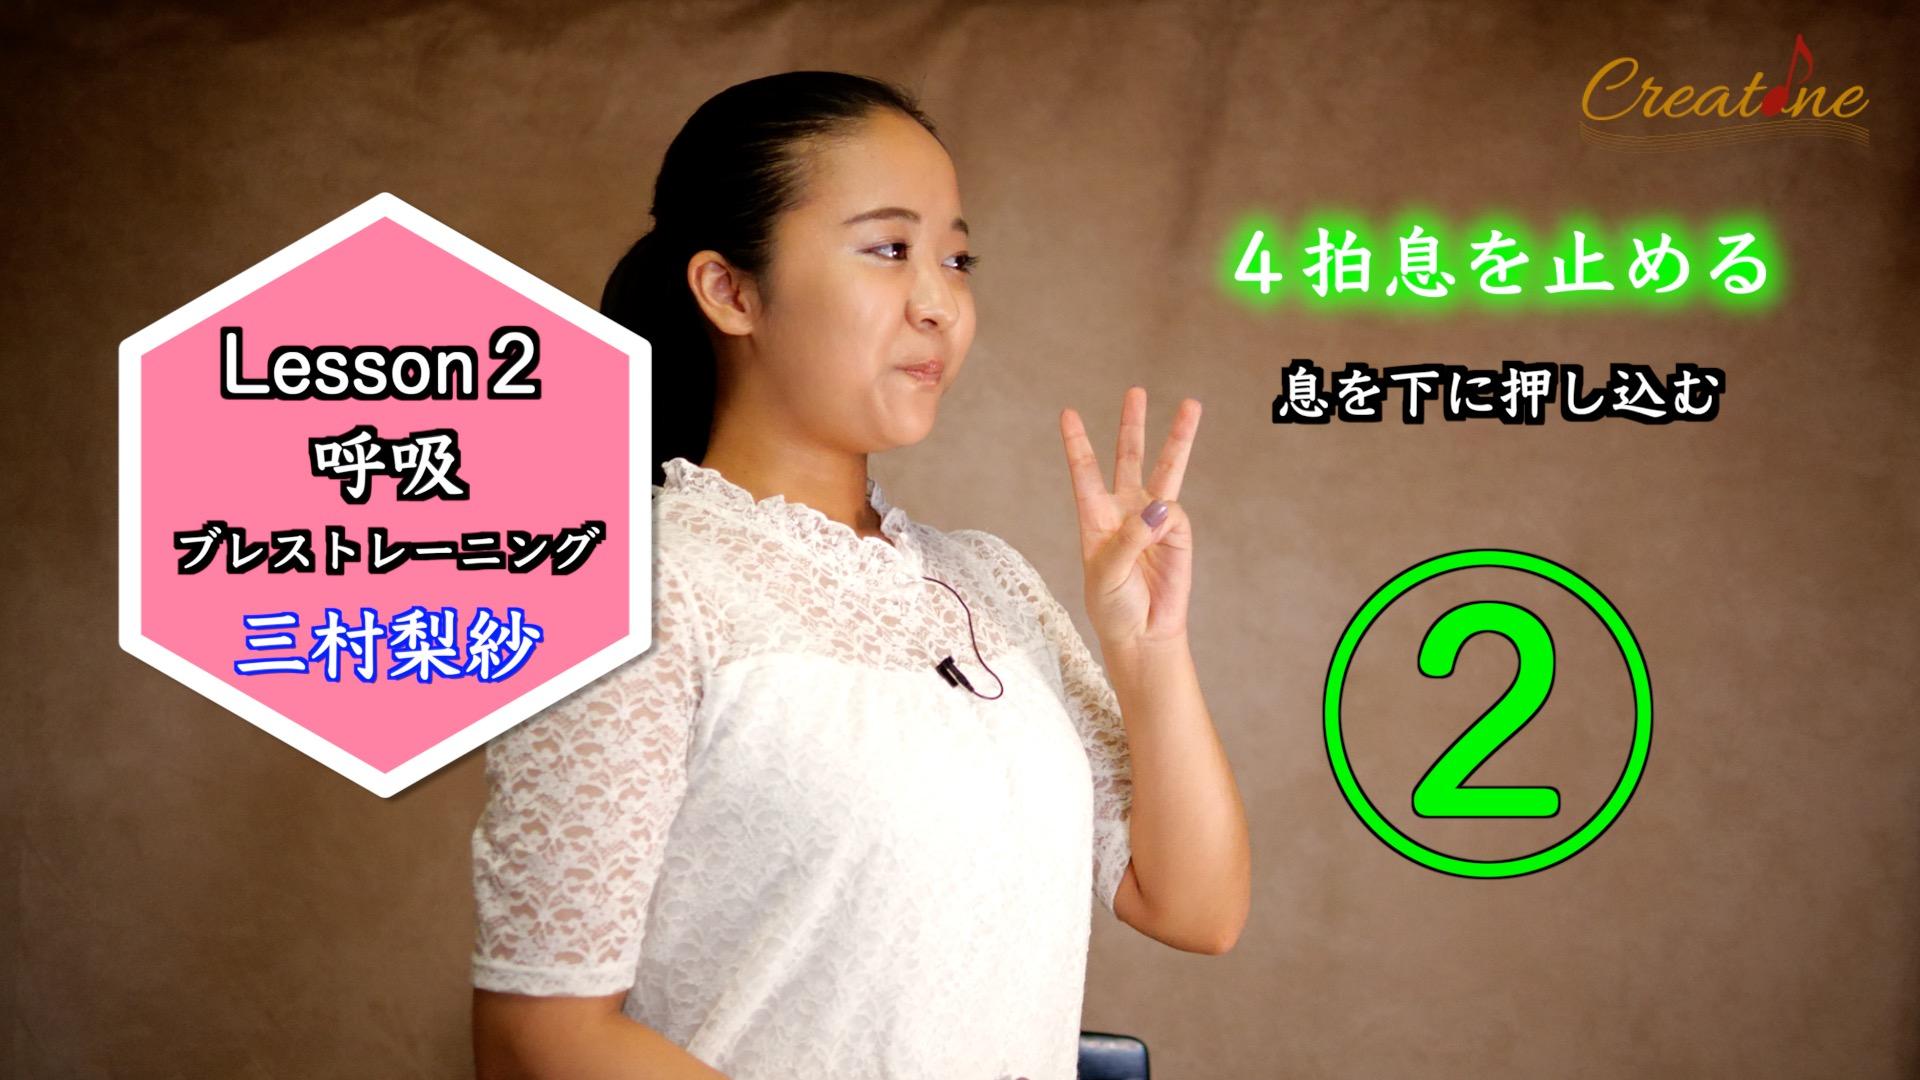 三村梨紗 Lesson 2 呼吸・ブレストレーニング サムネ